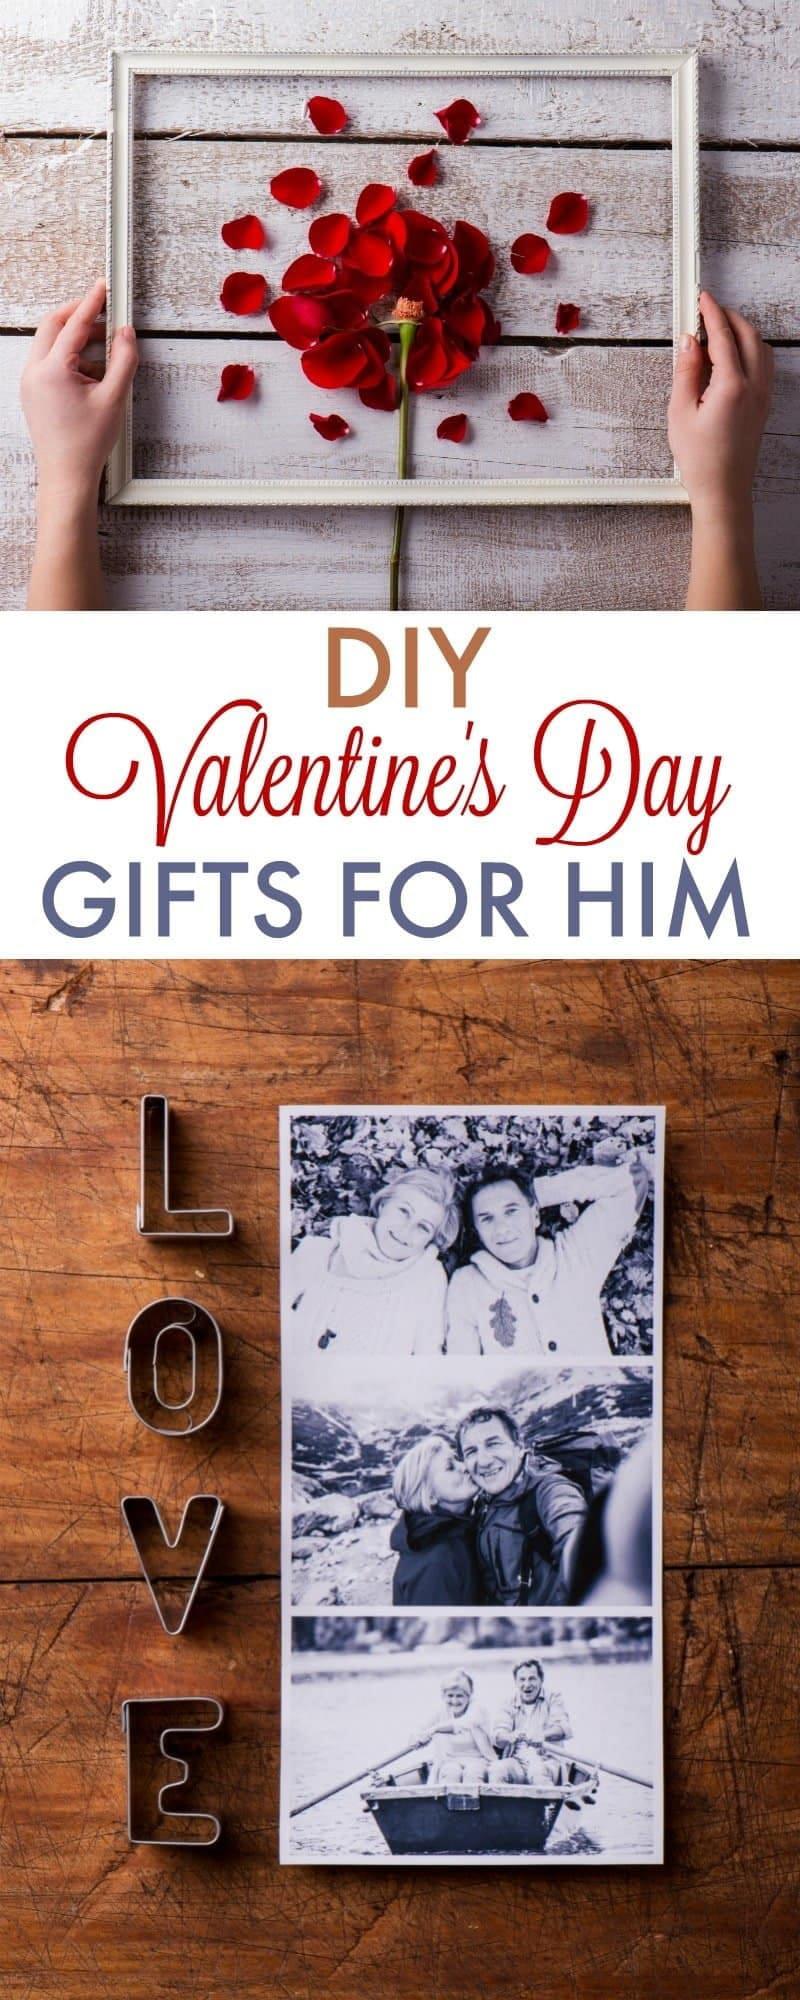 Homemade Gift Ideas Your Boyfriend  DIY Valentine s Day Gifts for Boyfriend 730 Sage Street